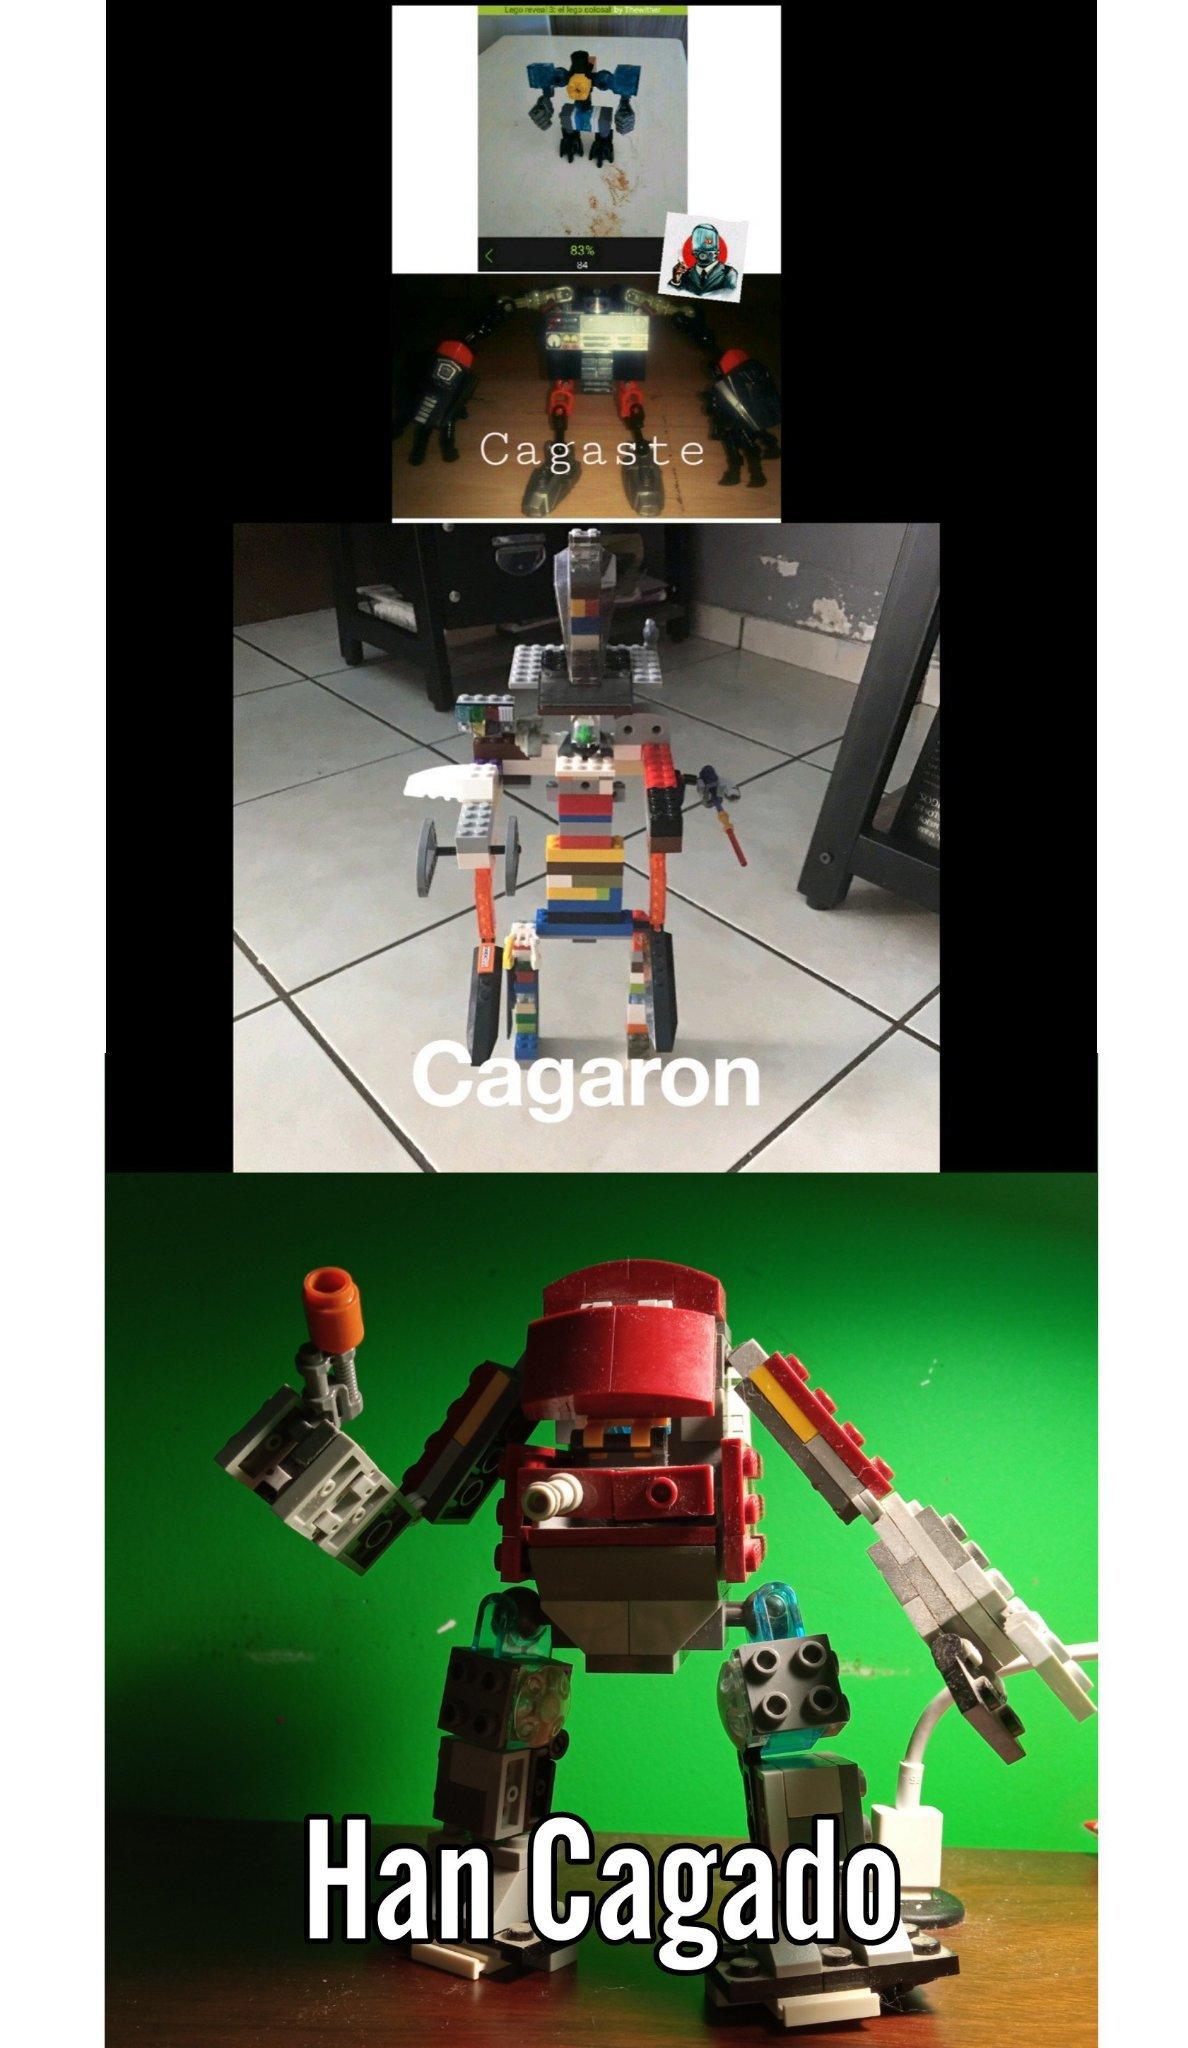 lego meme, moc de robot con colores de iron man